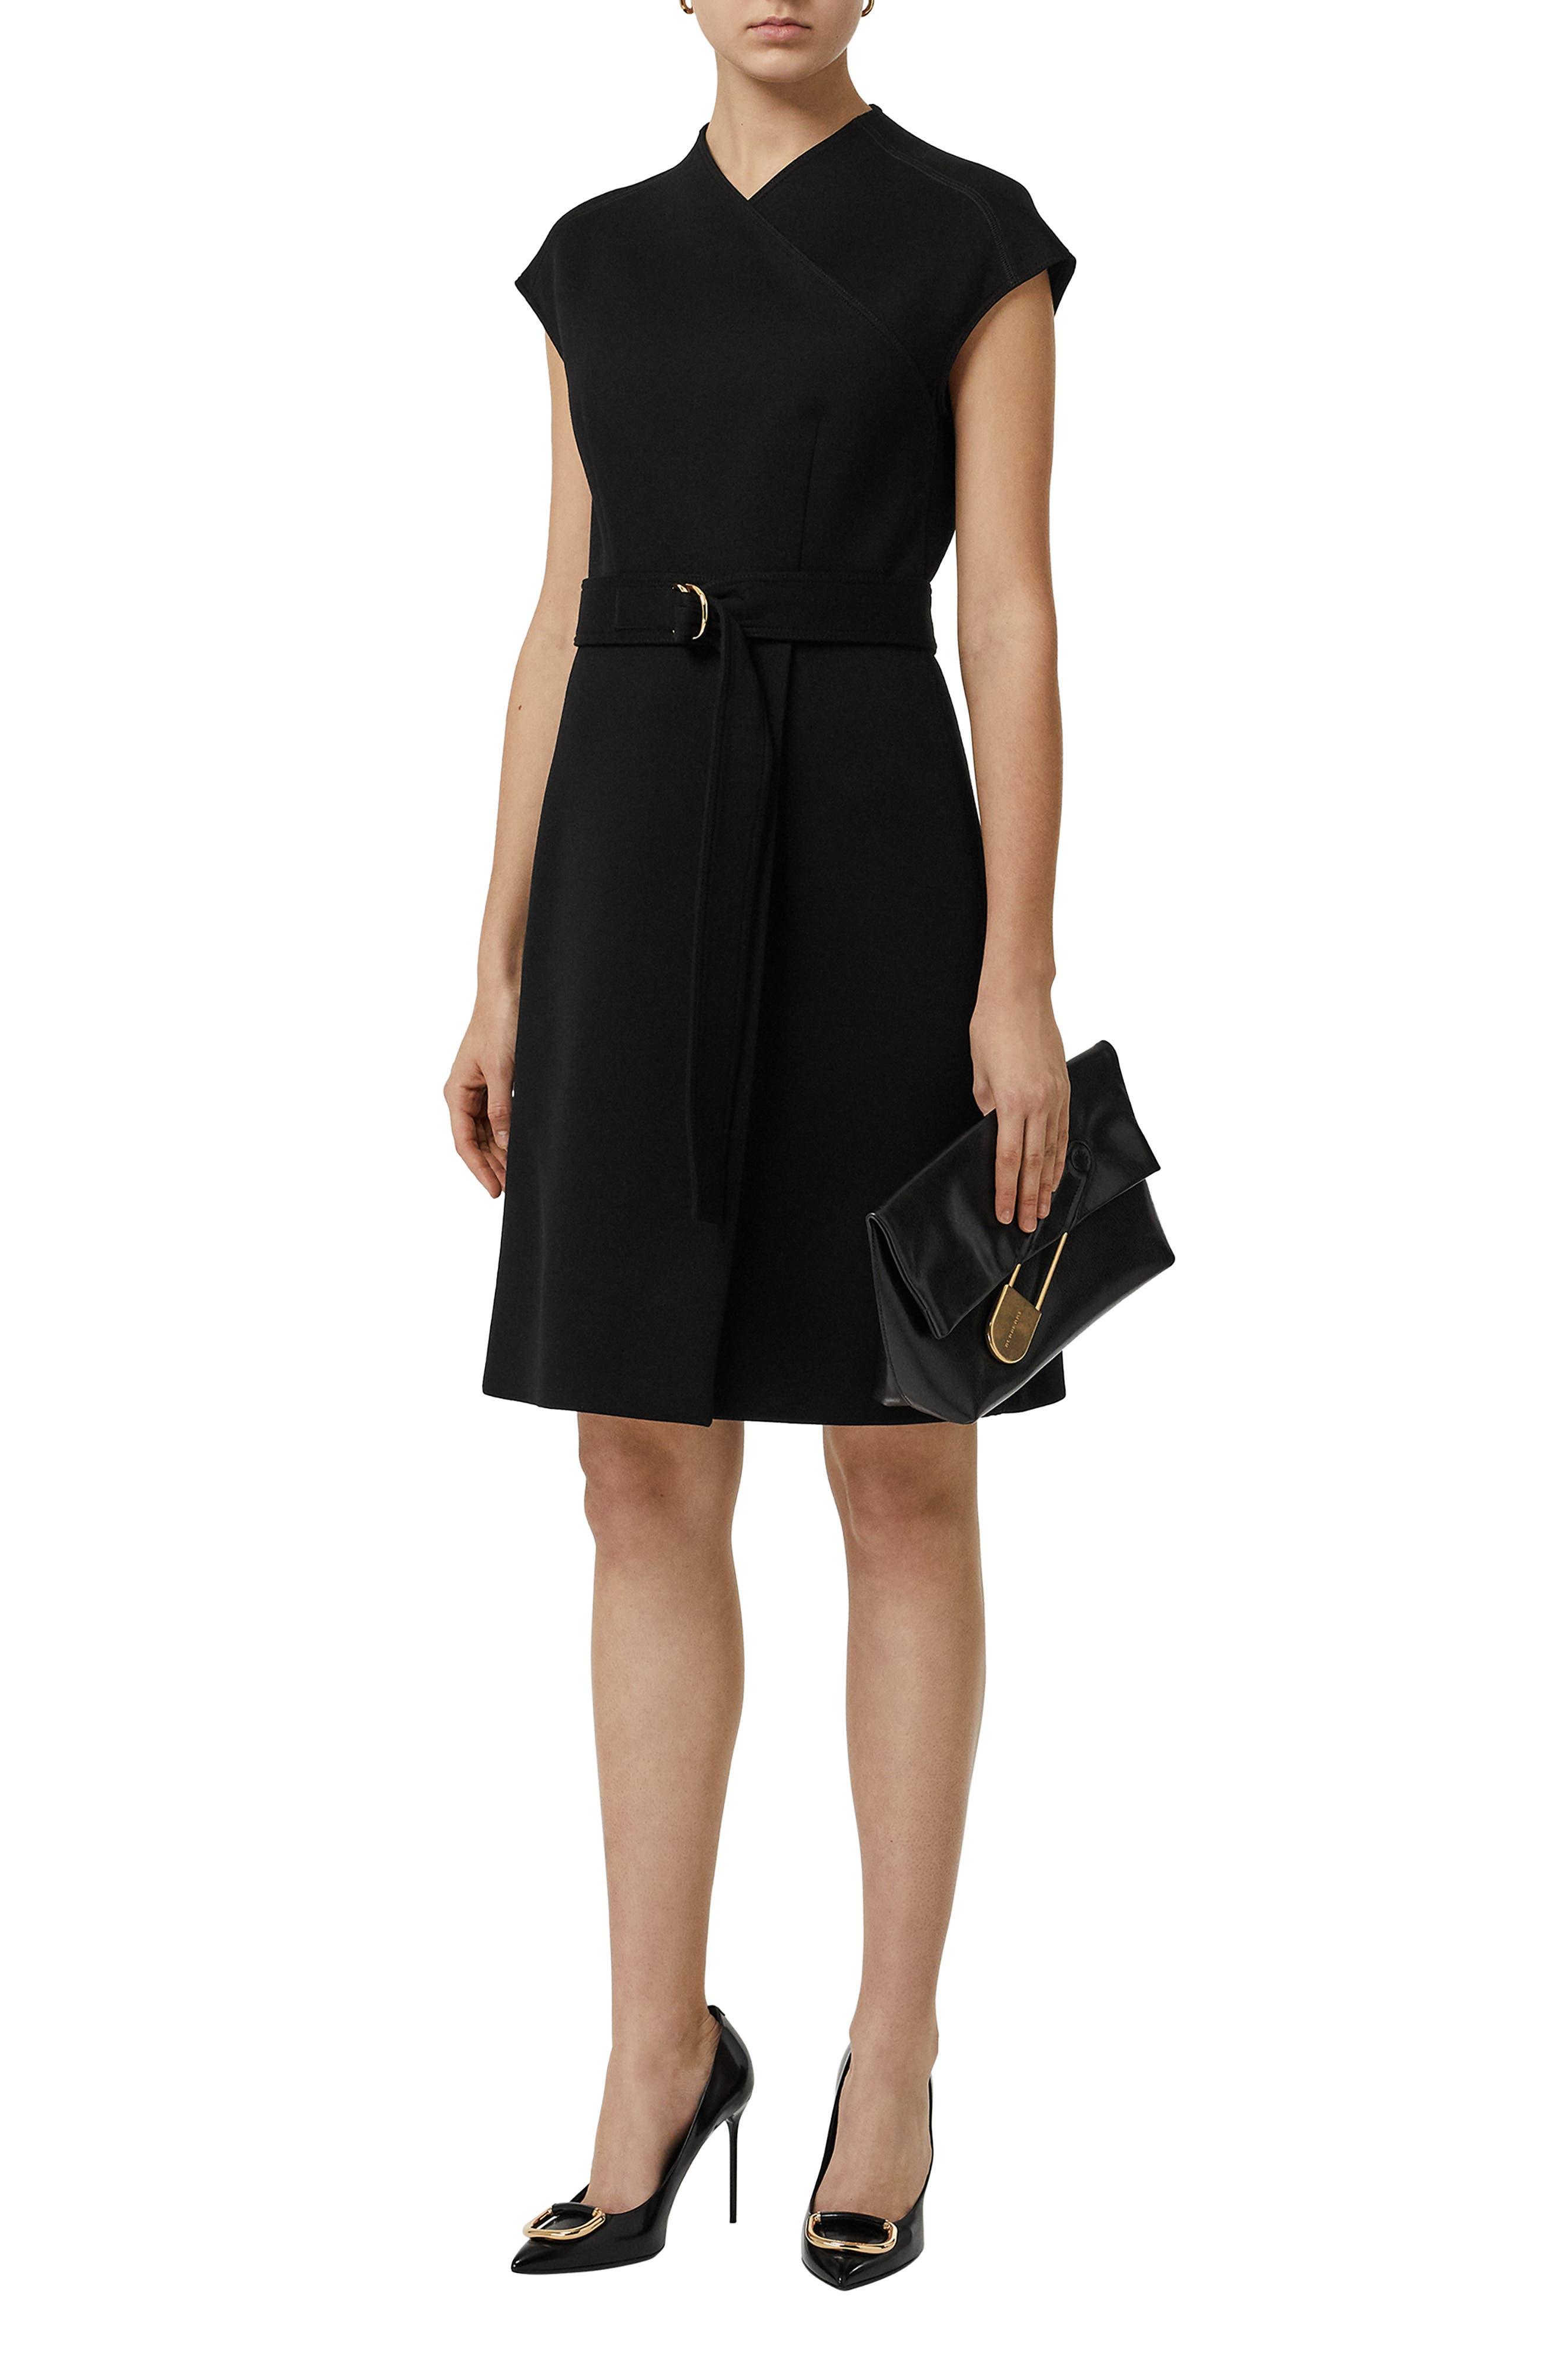 Dulsie D-Ring Detail Bonded Jersey Dress,                             Alternate thumbnail 6, color,                             BLACK